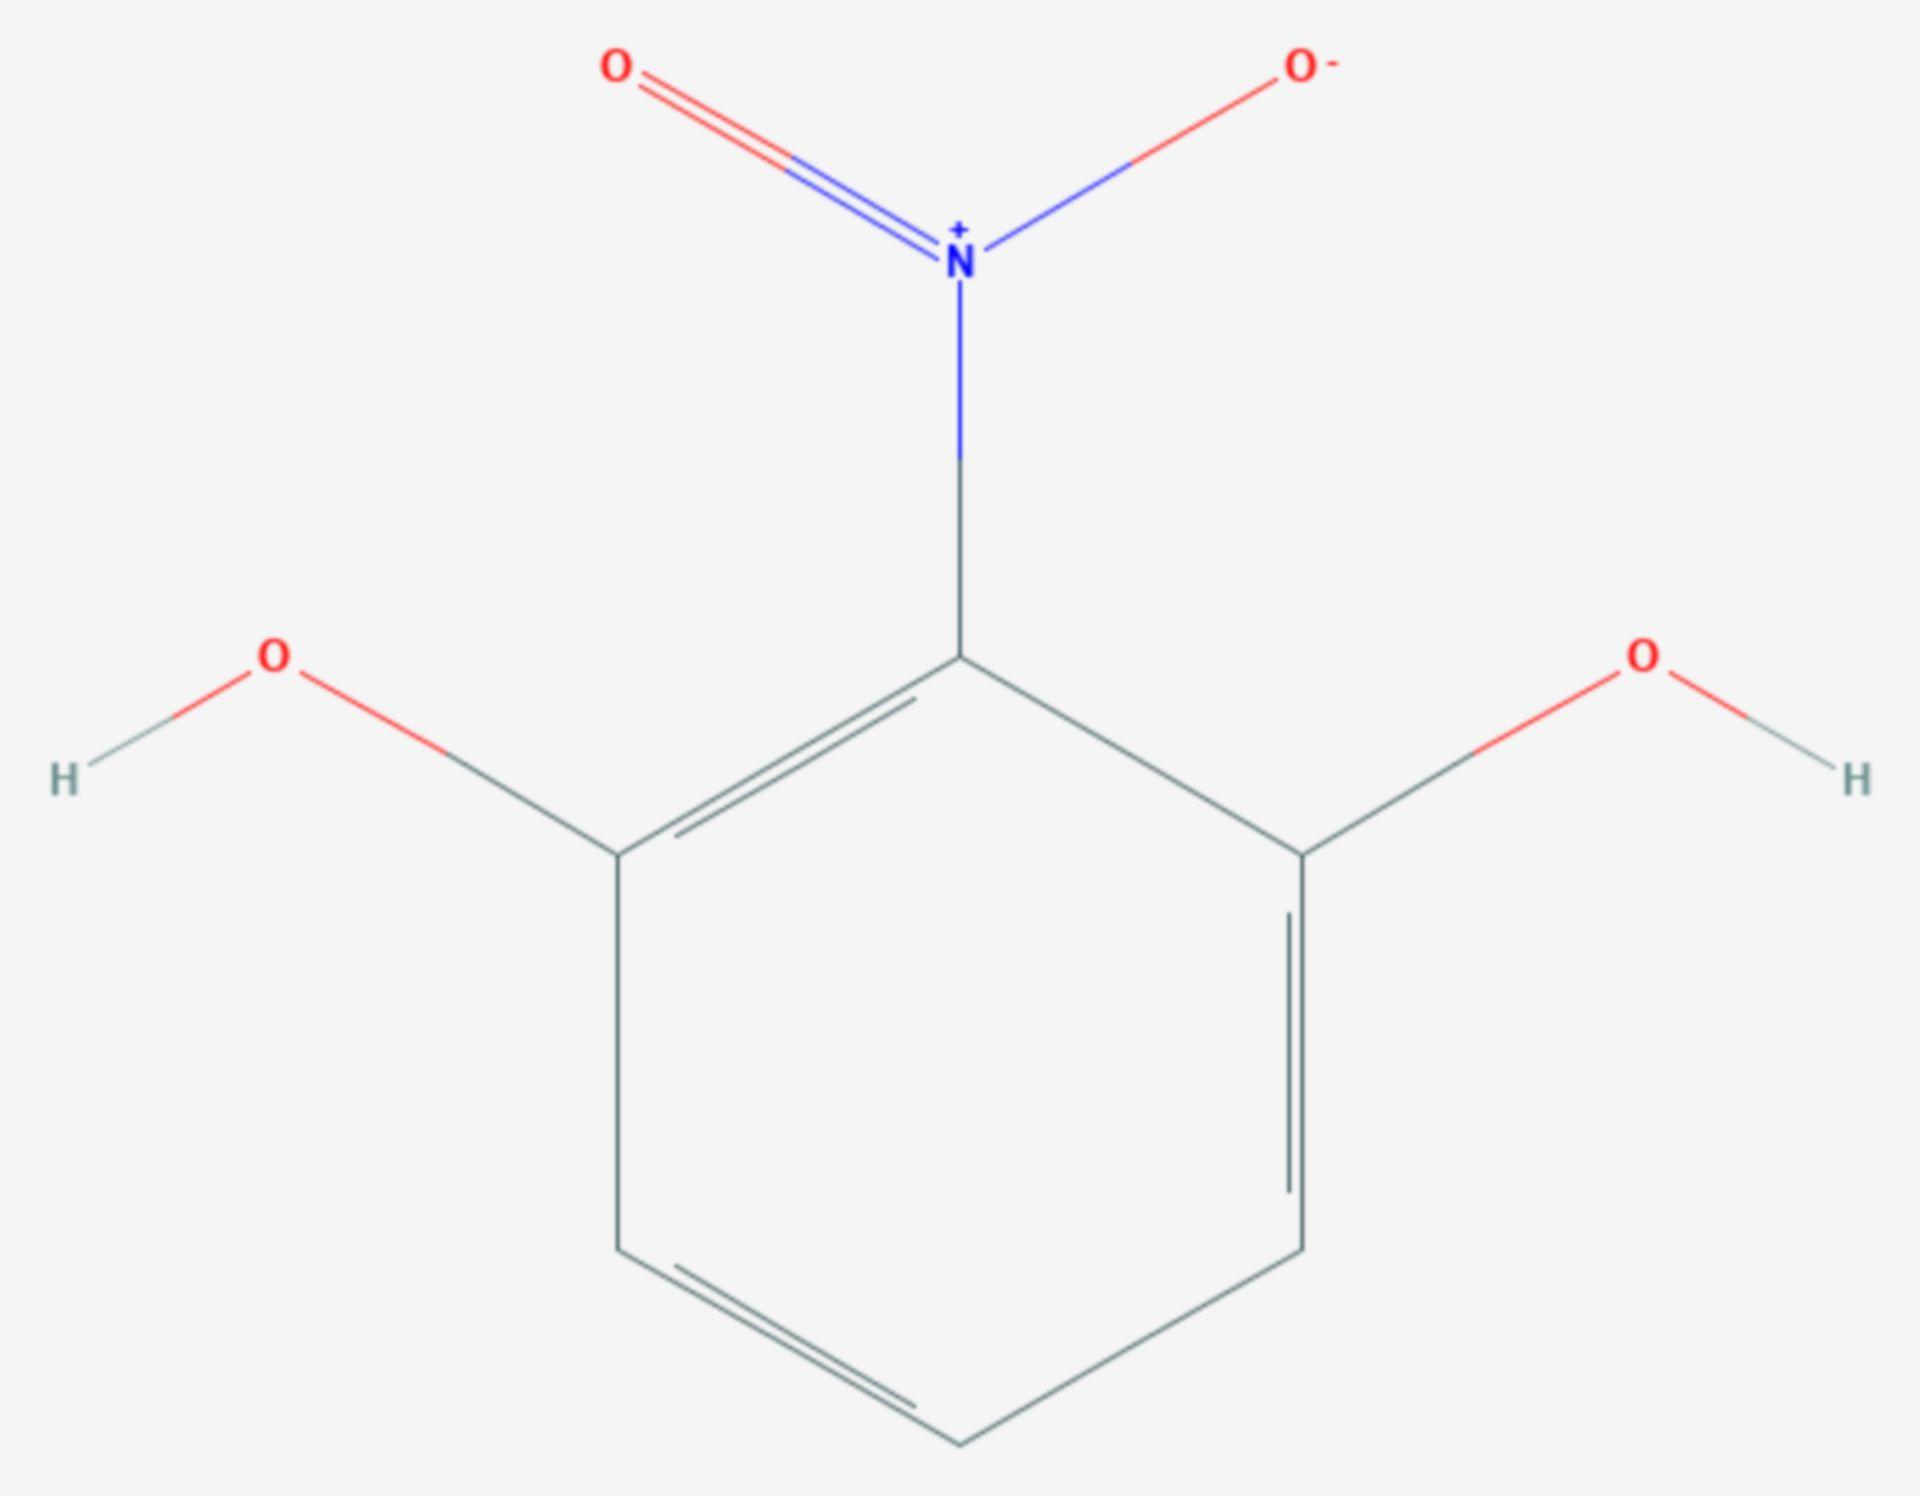 2-Nitroresorcin (Strukturformel)